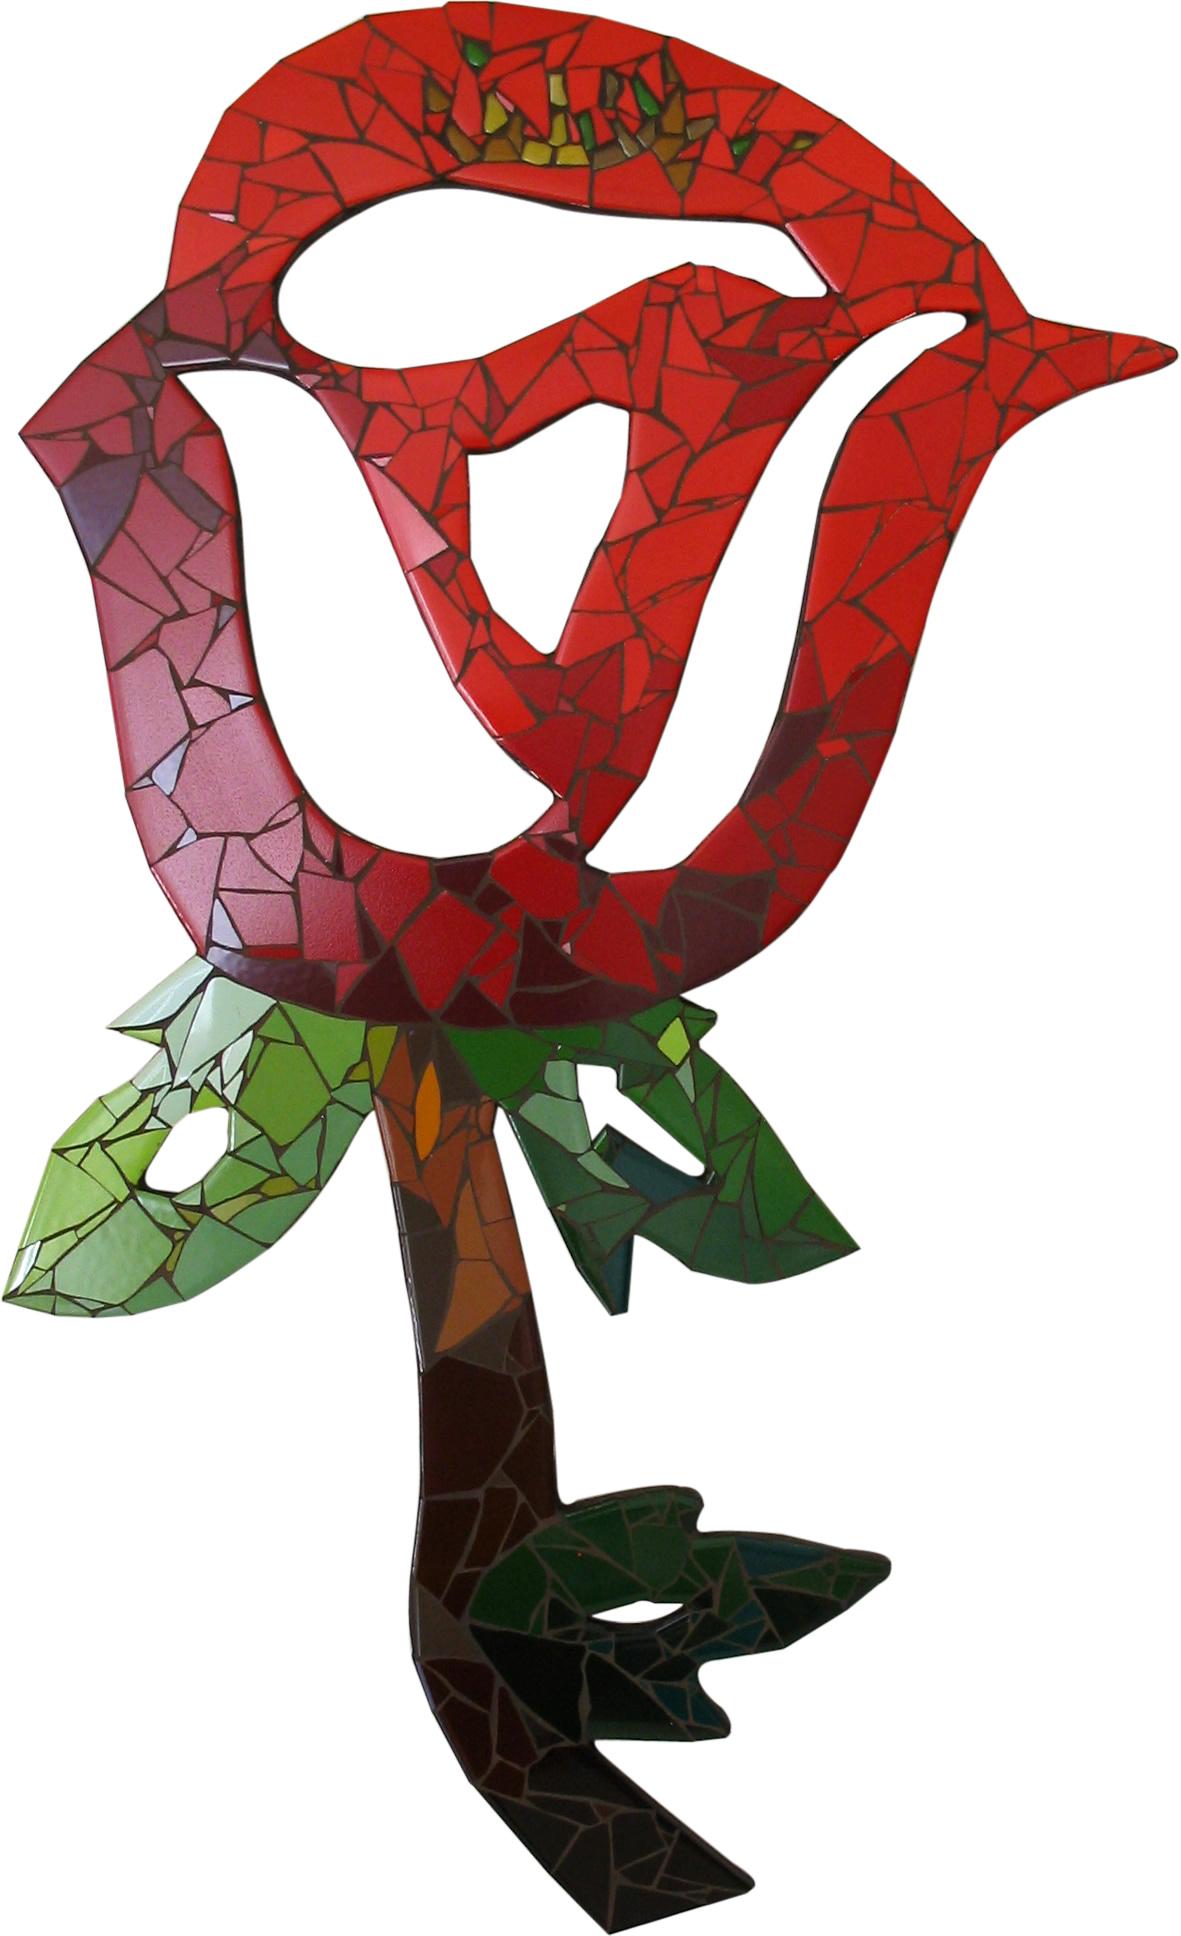 Mosaico - Rosa Vermelha - Claudia Veronica